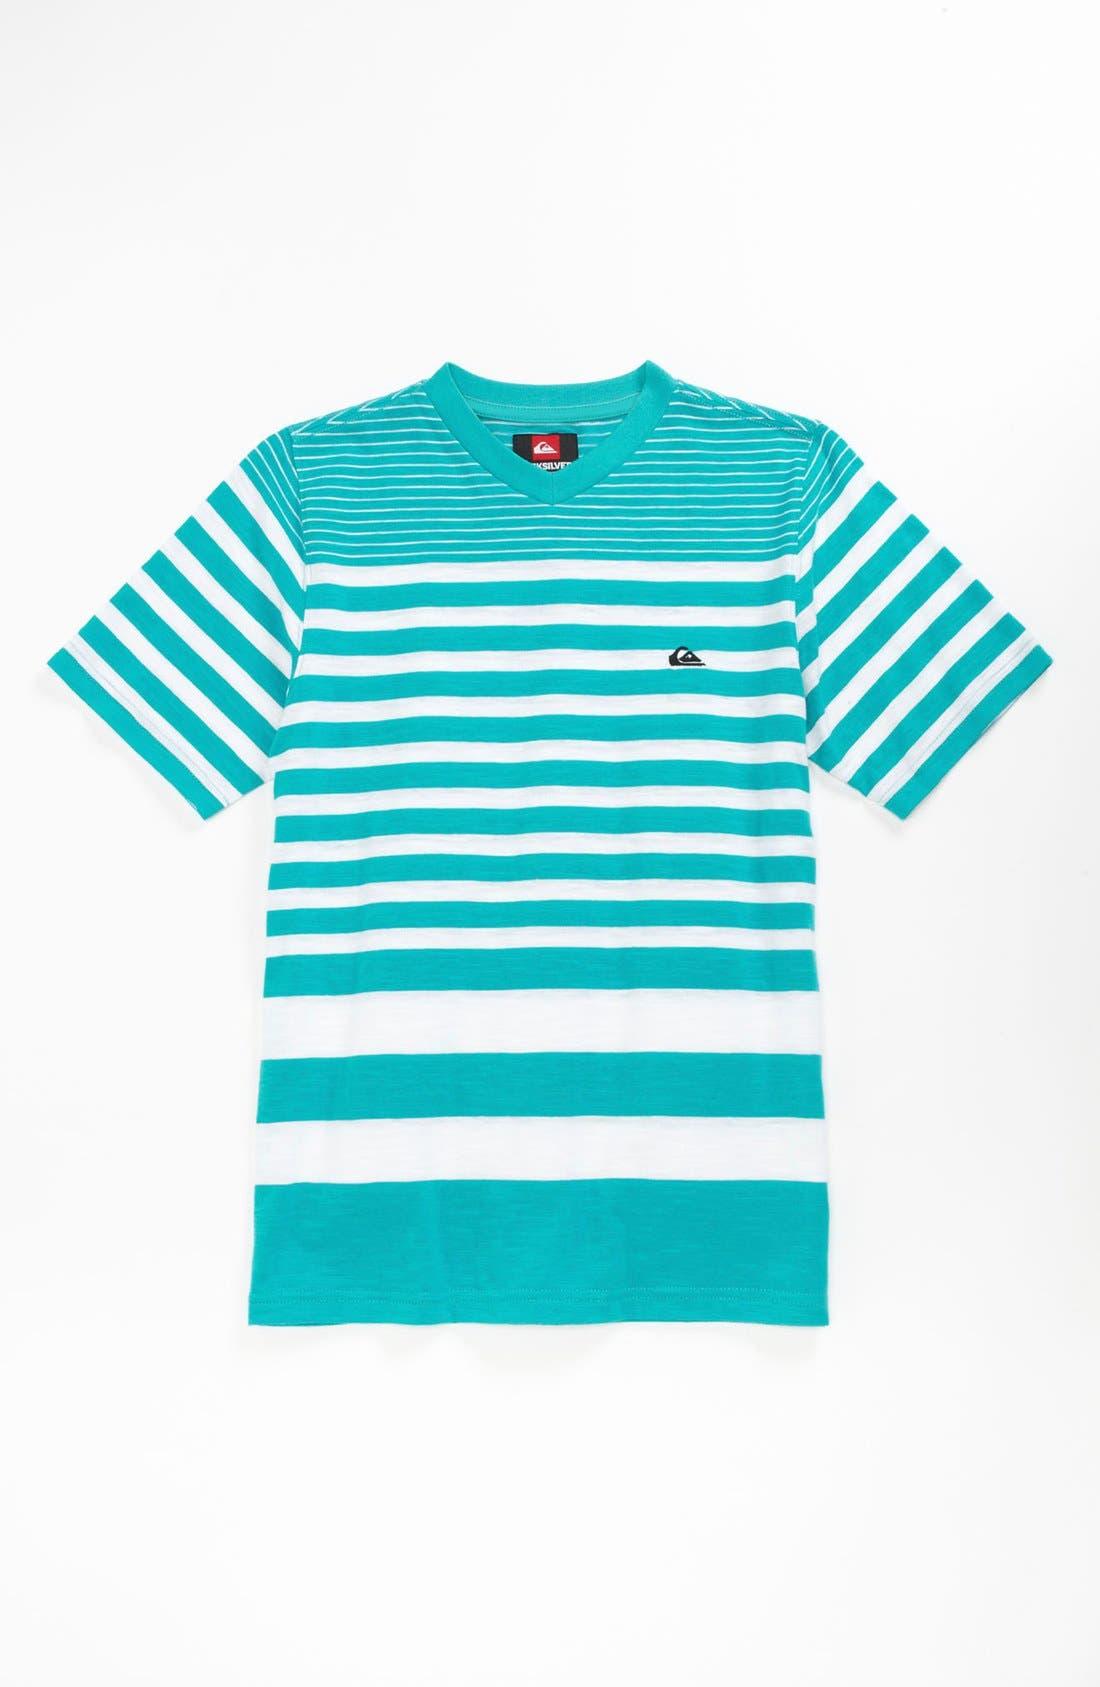 Main Image - Quiksilver 'Car Path' Slubbed Cotton T-Shirt (Big Boys)